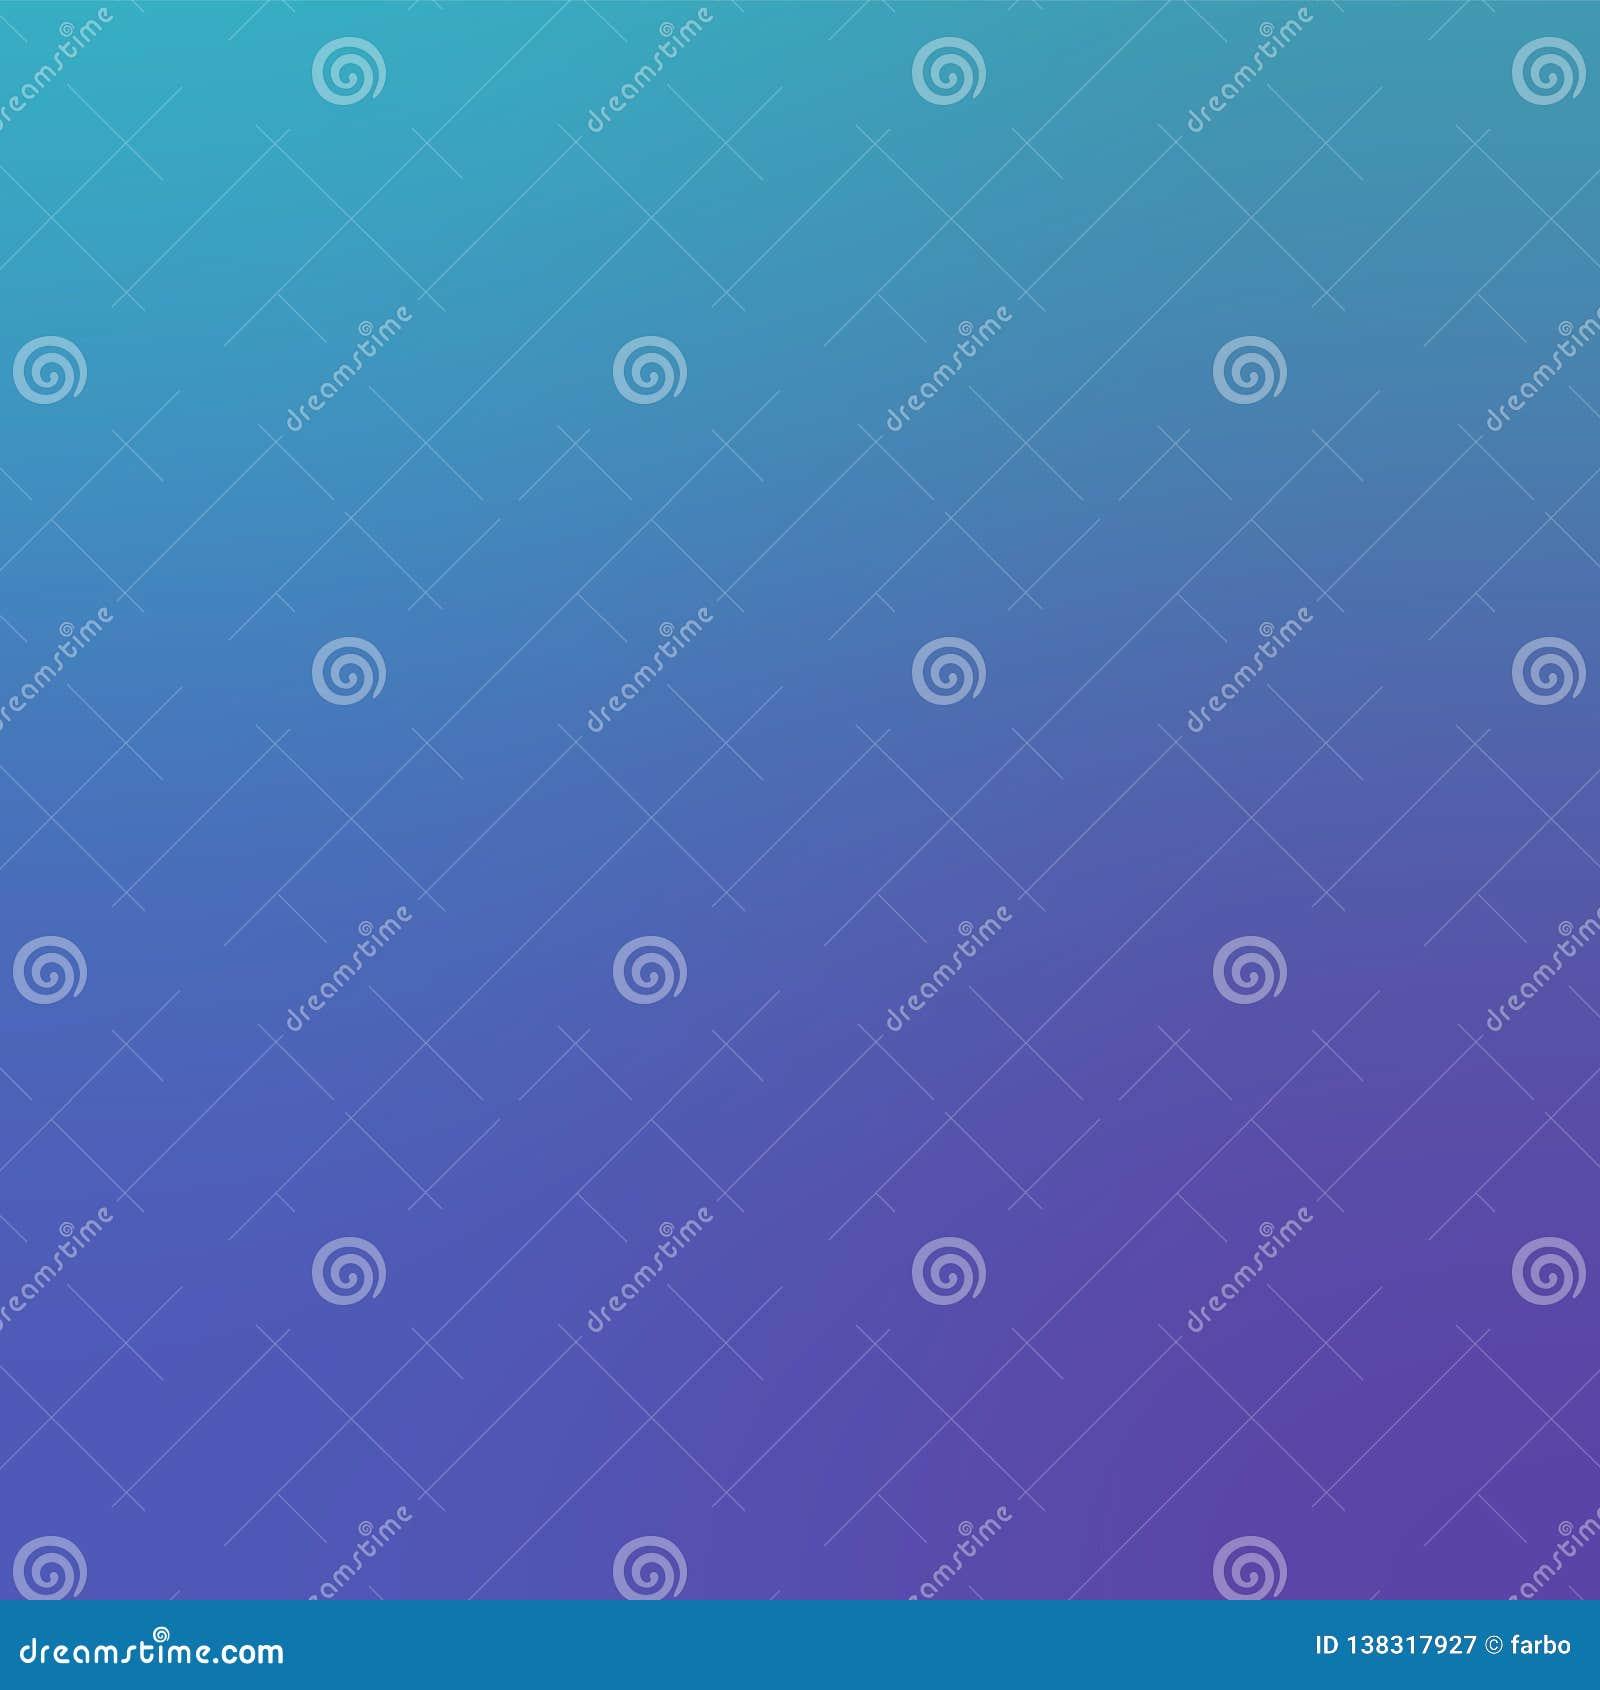 Light Violet Trendy Gradient Background. Defocused Soft Blurred Backdrop